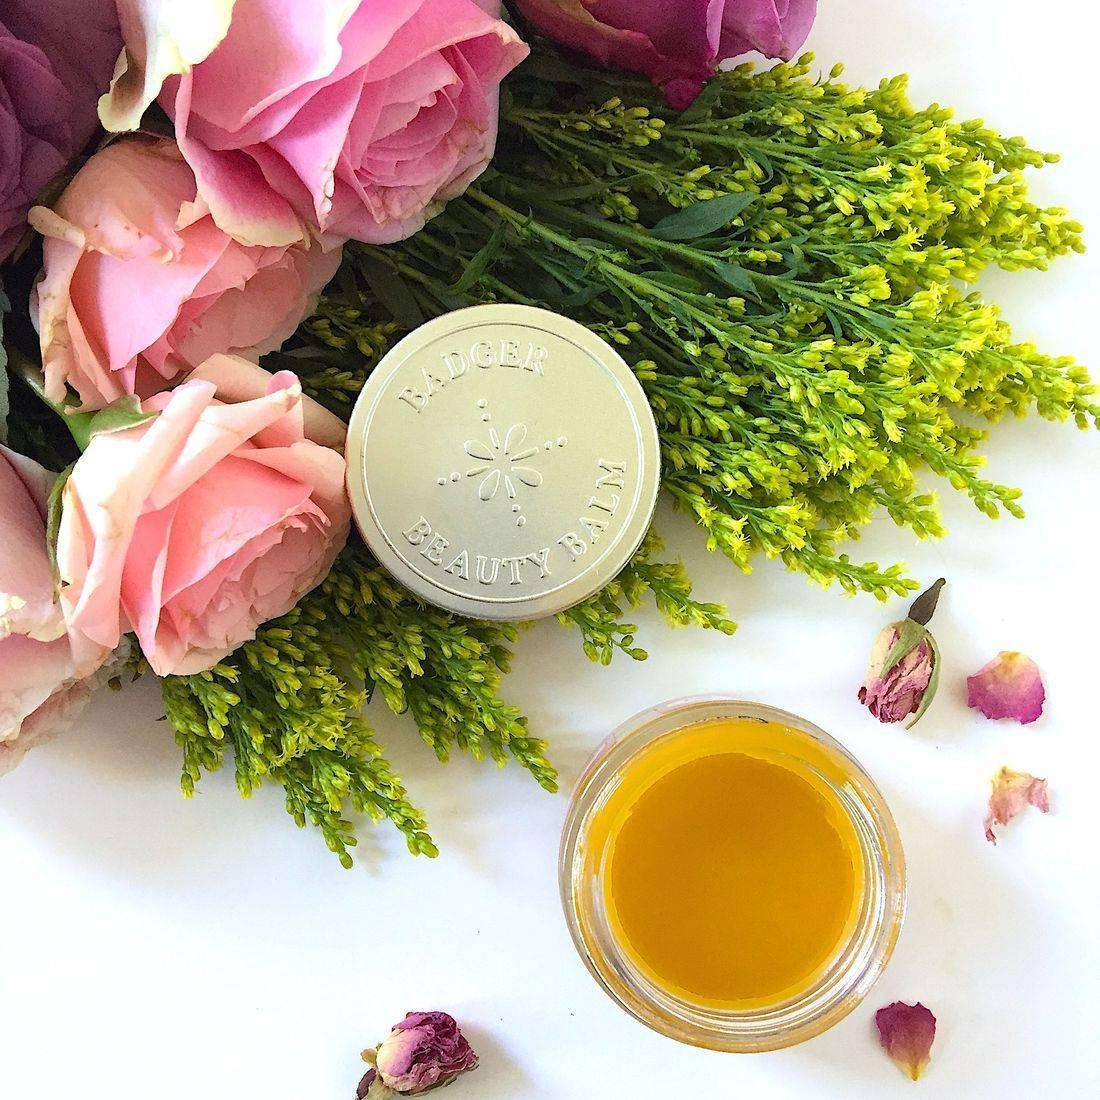 damascus rose beauty balm, rosepost box, clean beauty box, rose beauty, rose skincare, rose serum, rose mist, rose box gift